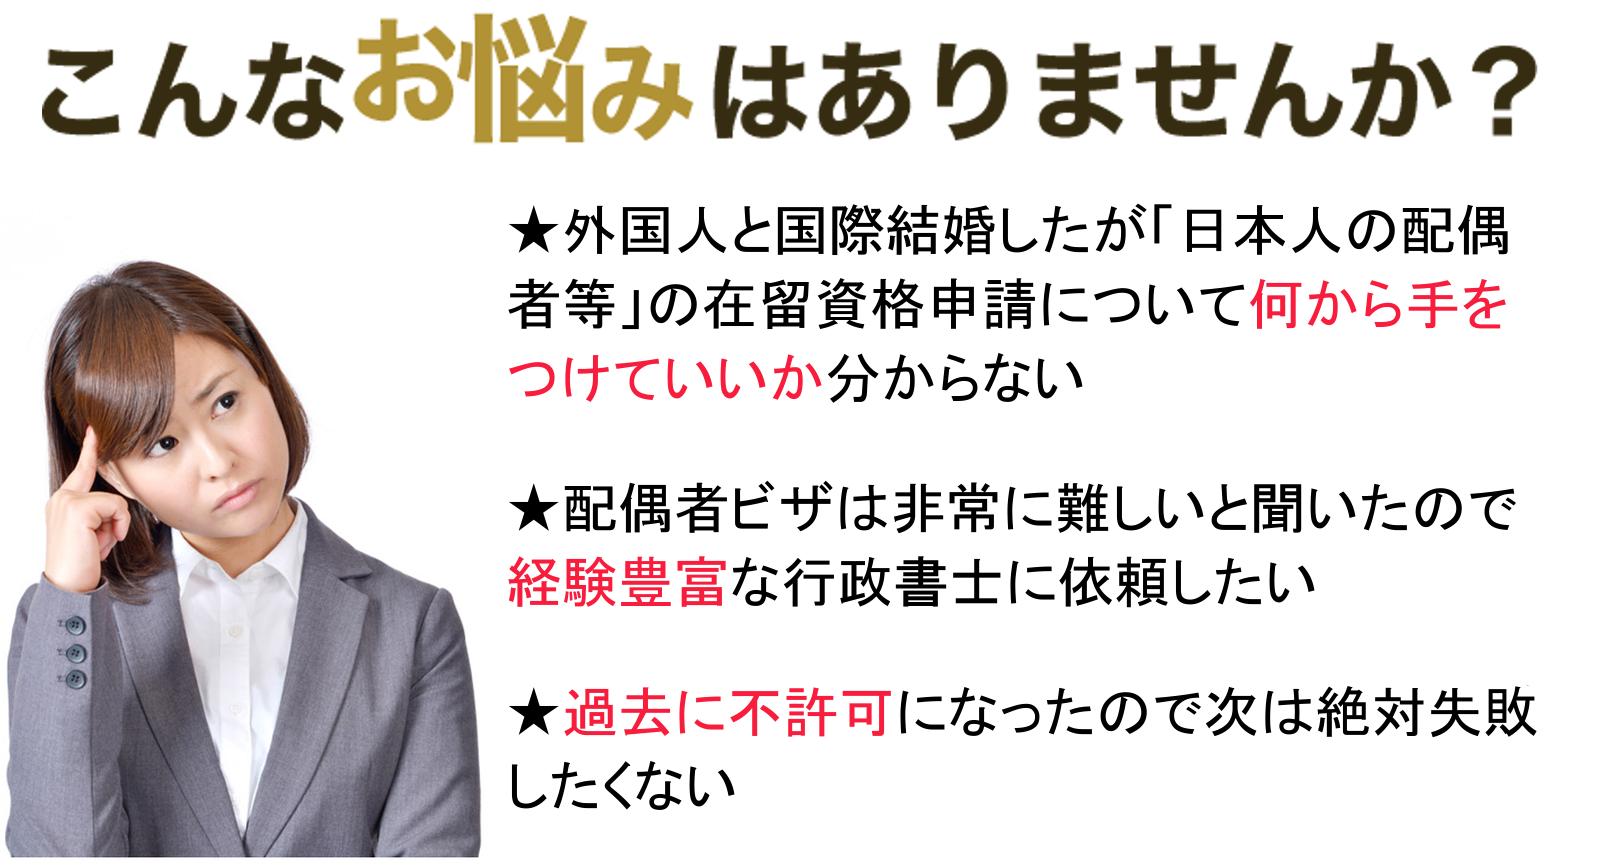 国際結婚・日本人の配偶者ビザ申請に関してこんなお悩みございませんか?  外国人と国際結婚・日本人の配偶者ビザ申請する予定だけど何から手をつけていいか分からない  国際結婚・日本人の配偶者ビザ申請の相談をするなら会って打ち合わせができる行政書士がいい  国際結婚・日本人の配偶者ビザ申請は非常に難しいと聞いたので専門家に国際結婚・配偶者ビザ申請せたい  過去に自分で国際結婚・日本人の配偶者ビザ申請して不許可となってしまったので次は失敗したくない  相談しやすい場所にあり、土日対応可能で経験豊富な国際結婚・日本人の配偶者ビザ申請専門行政書士にお願いしたい